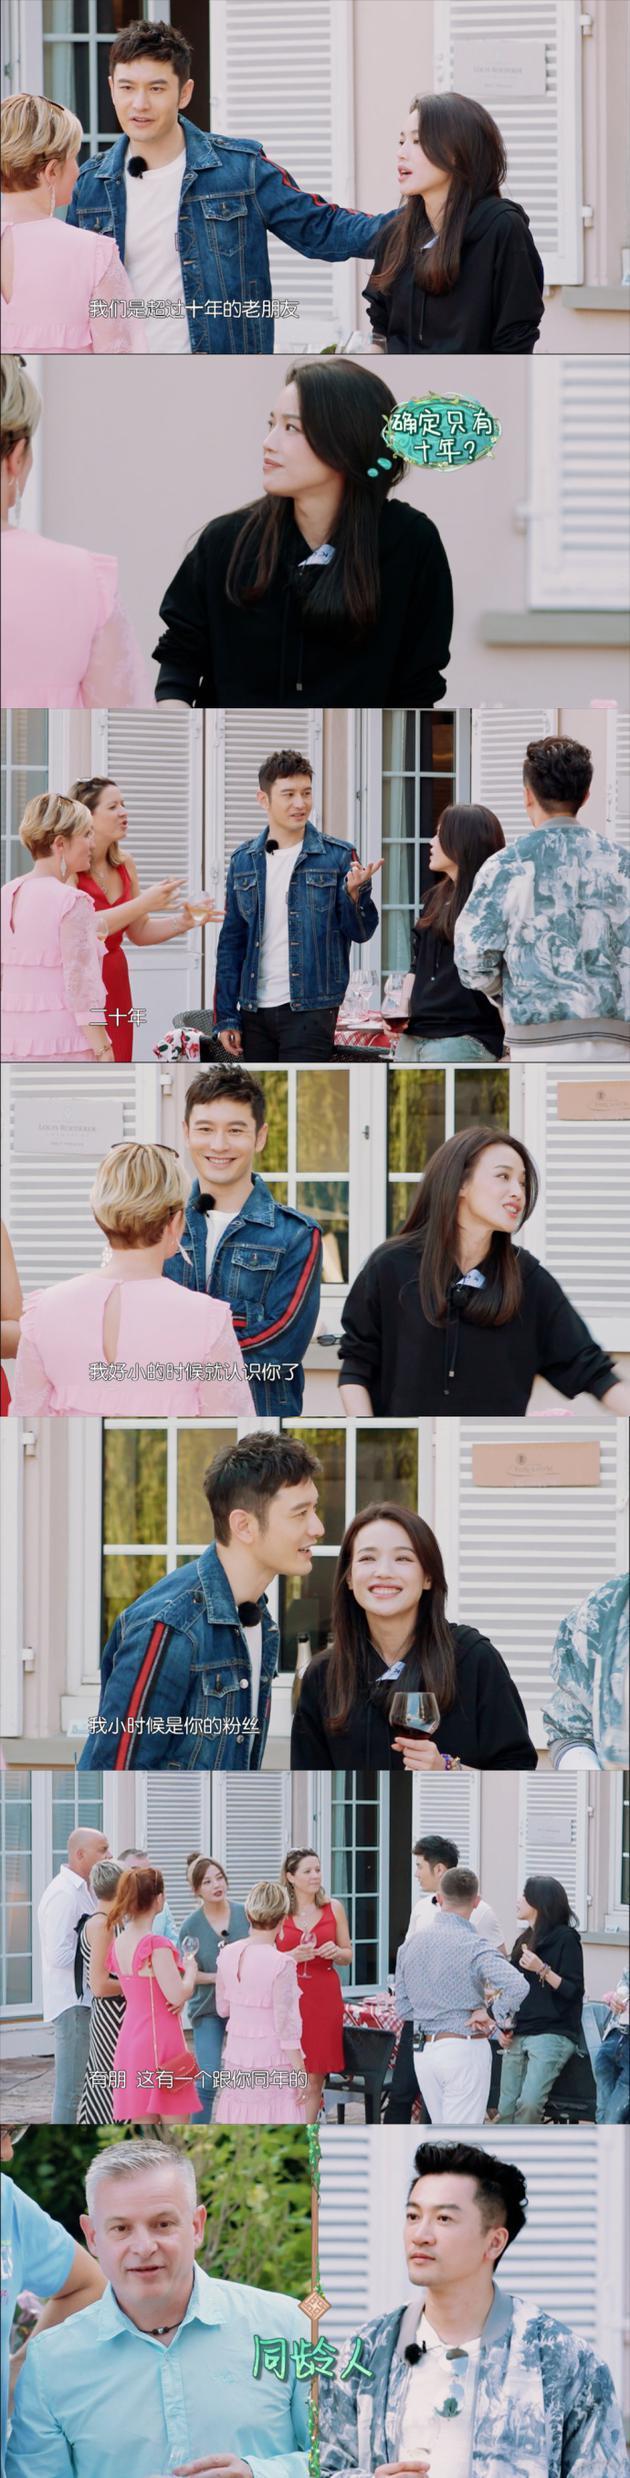 中餐厅2:苏有朋被调侃年龄梗 黄晓明:我看你戏长大的